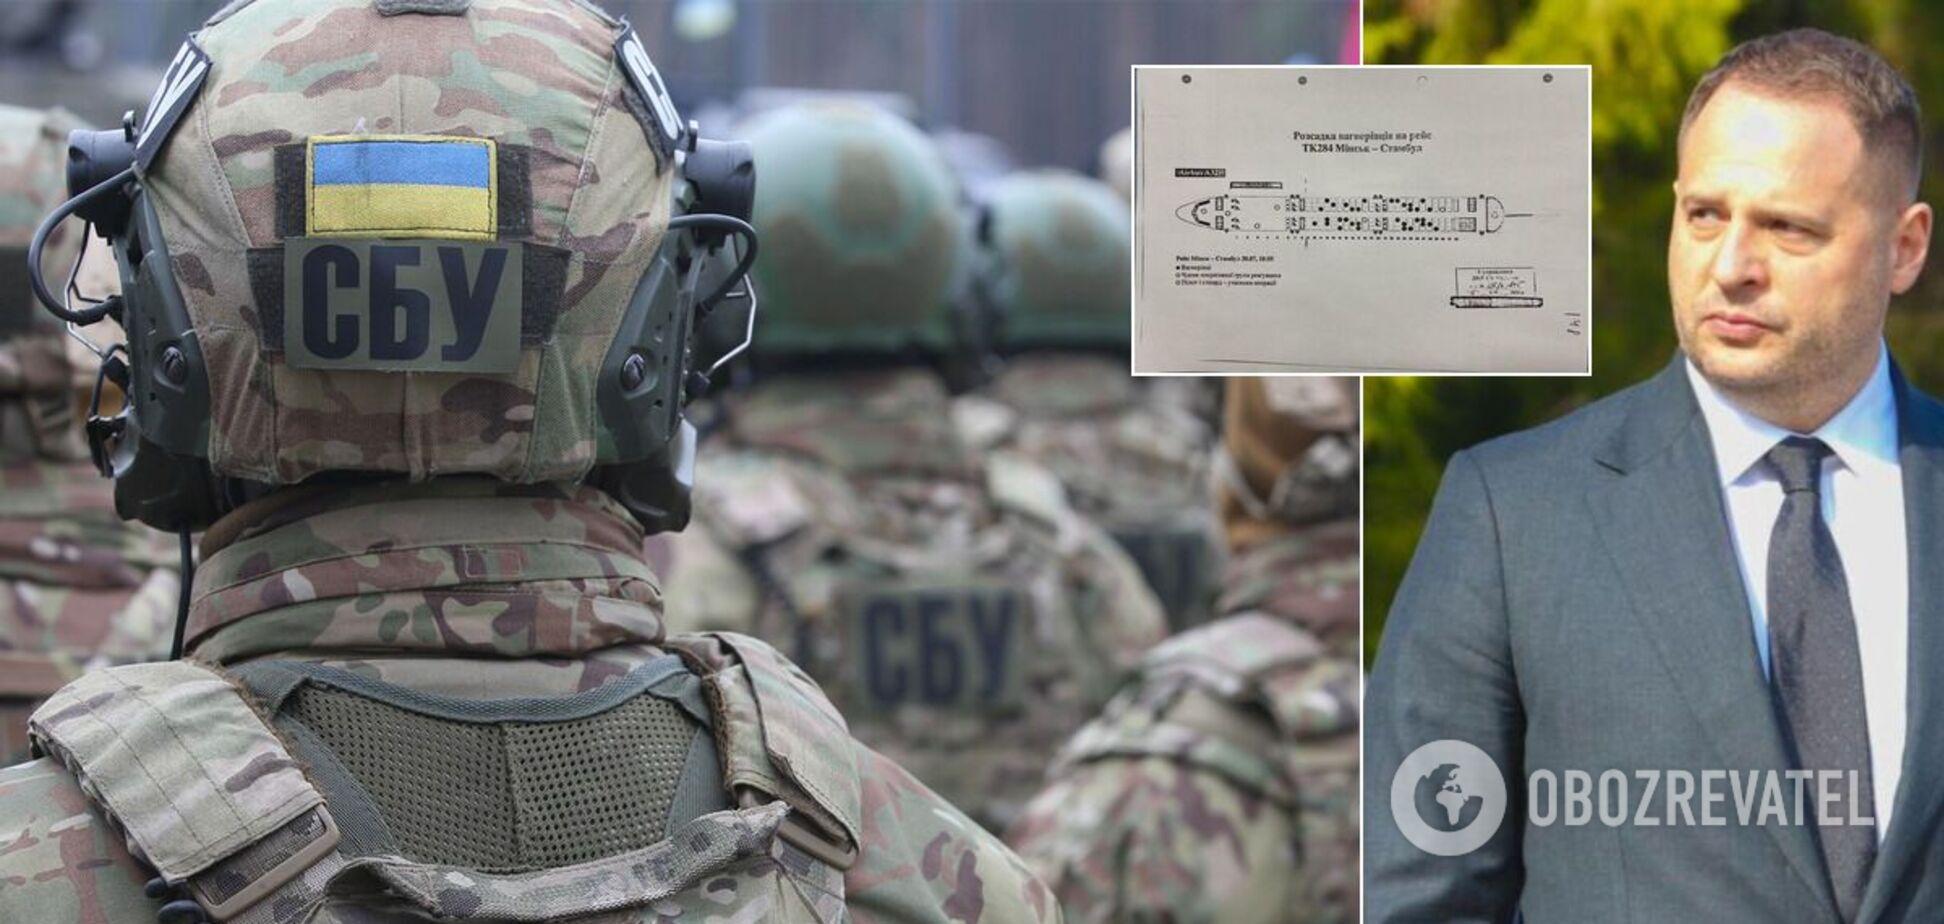 Оприлюднені нові документи про причетність ОПУ до зриву операції з вагнерівцями